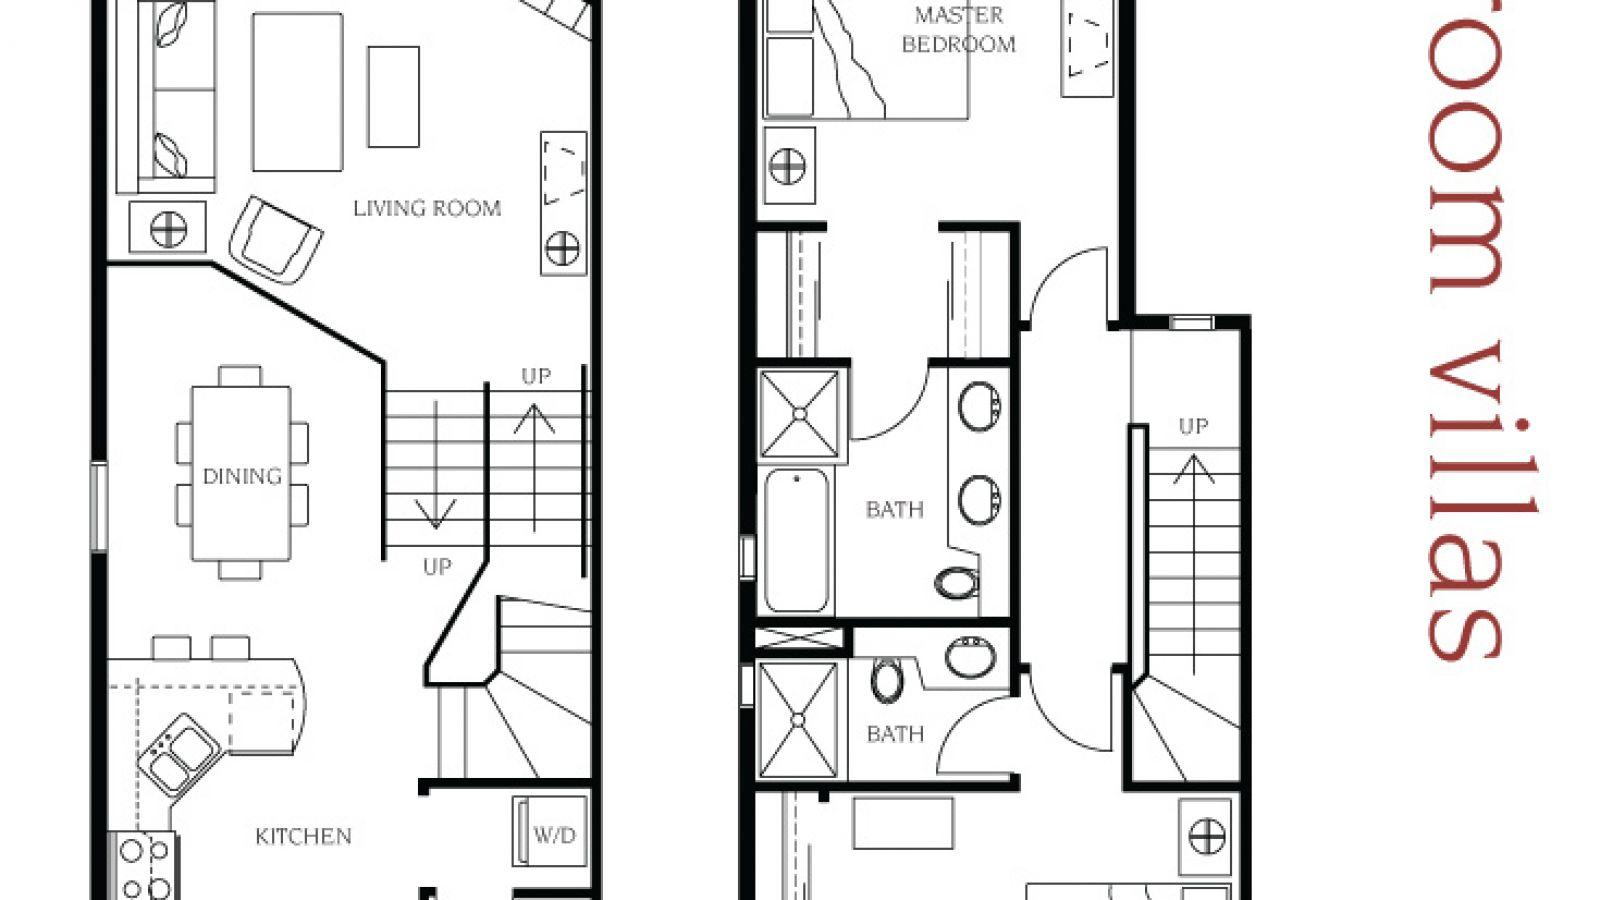 2 bedroom villa floor plan at Manteo